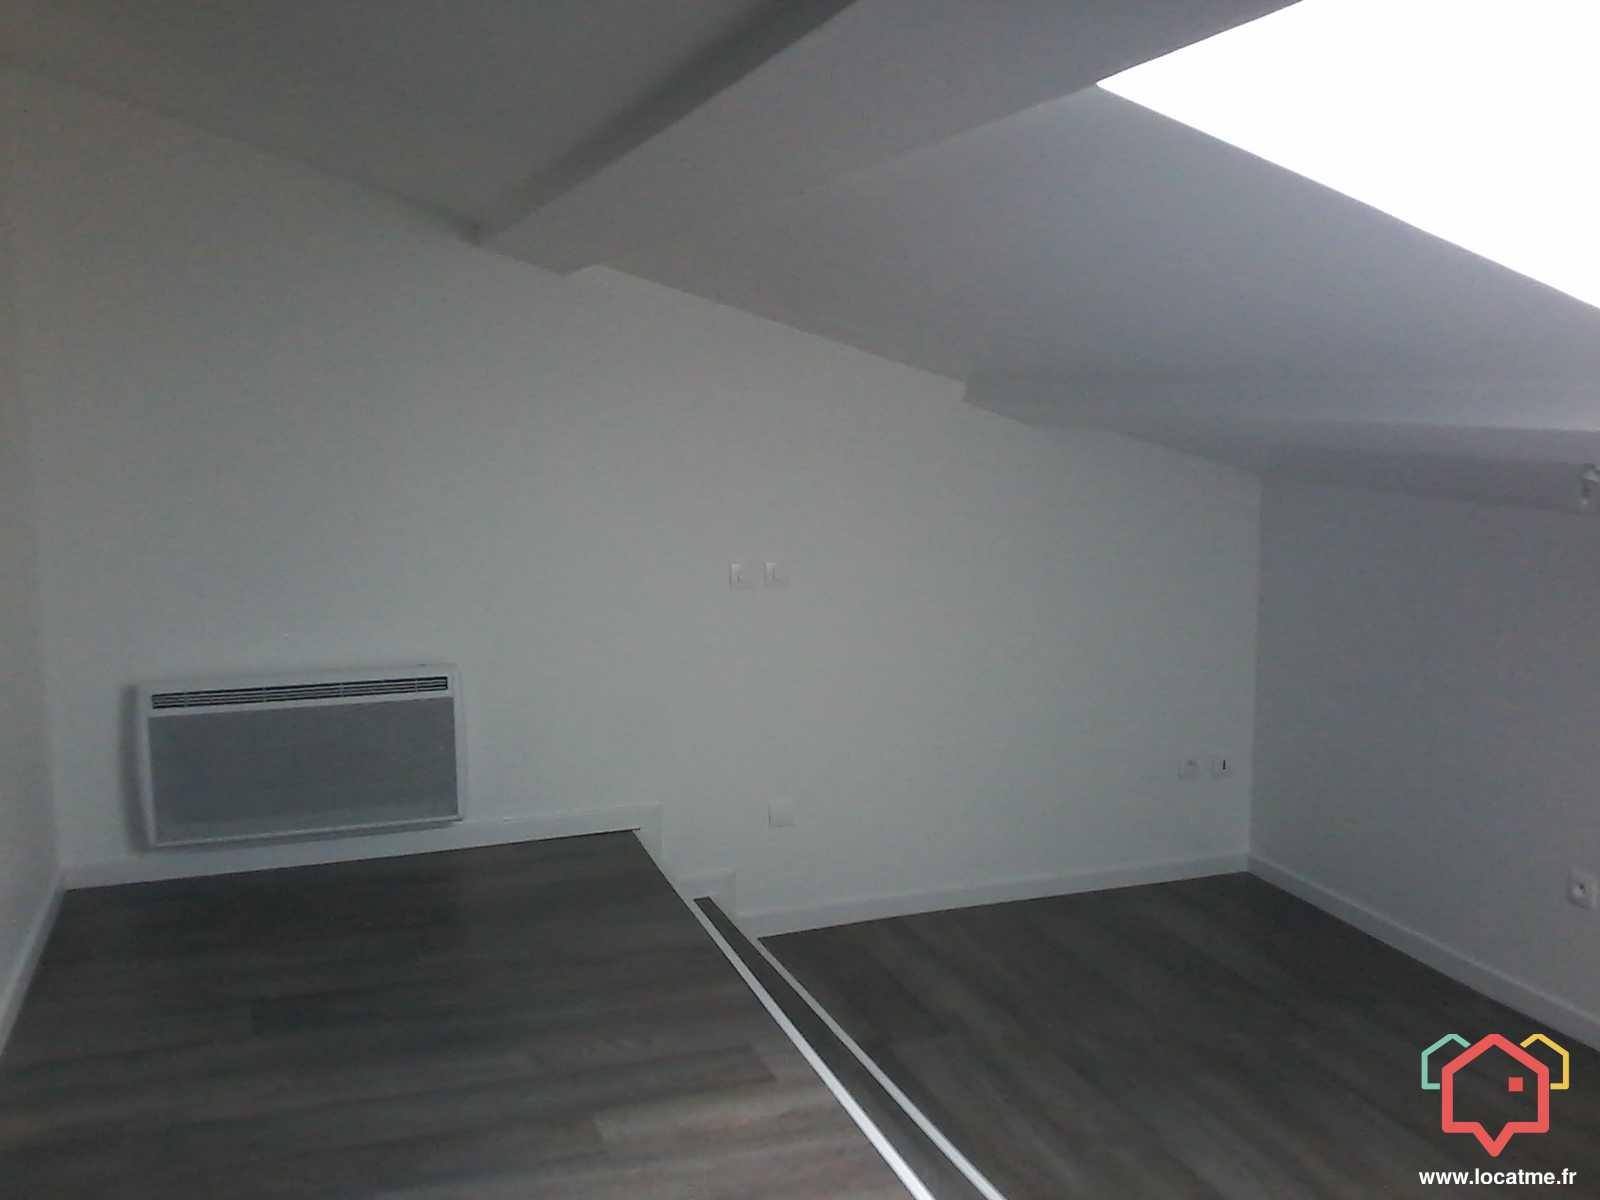 Location Maison Non Meublée Entre Particulier à Prignac Et Marcamps